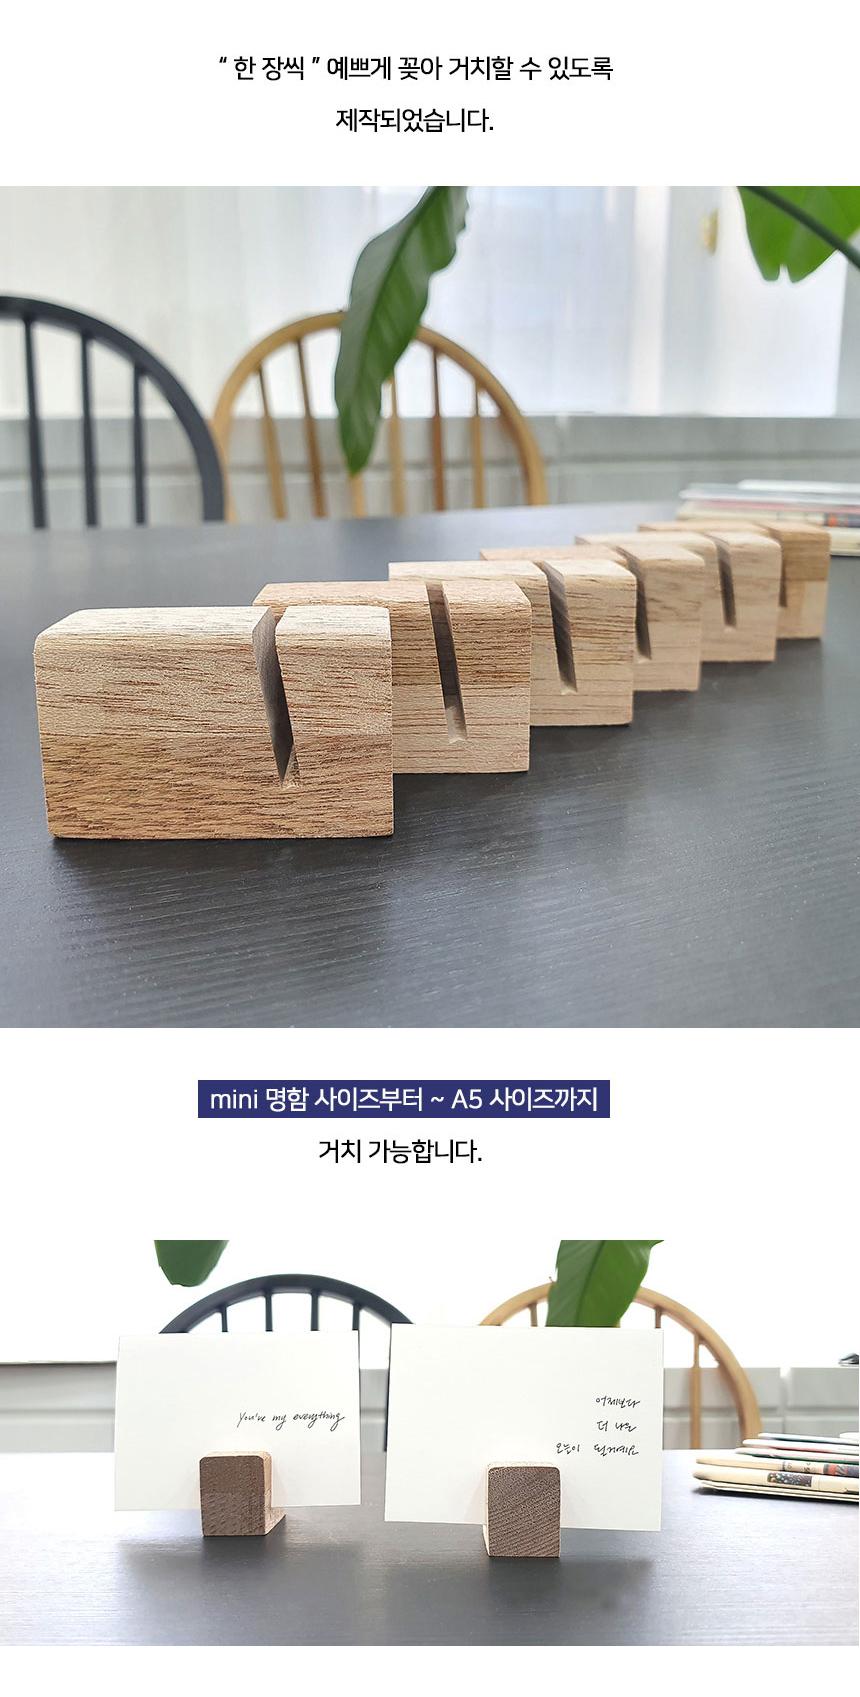 빈티지 원목 엽서 꽂이 명함 거치대 - 스토니처, 1,200원, 데스크정리, 명함/메모 홀더